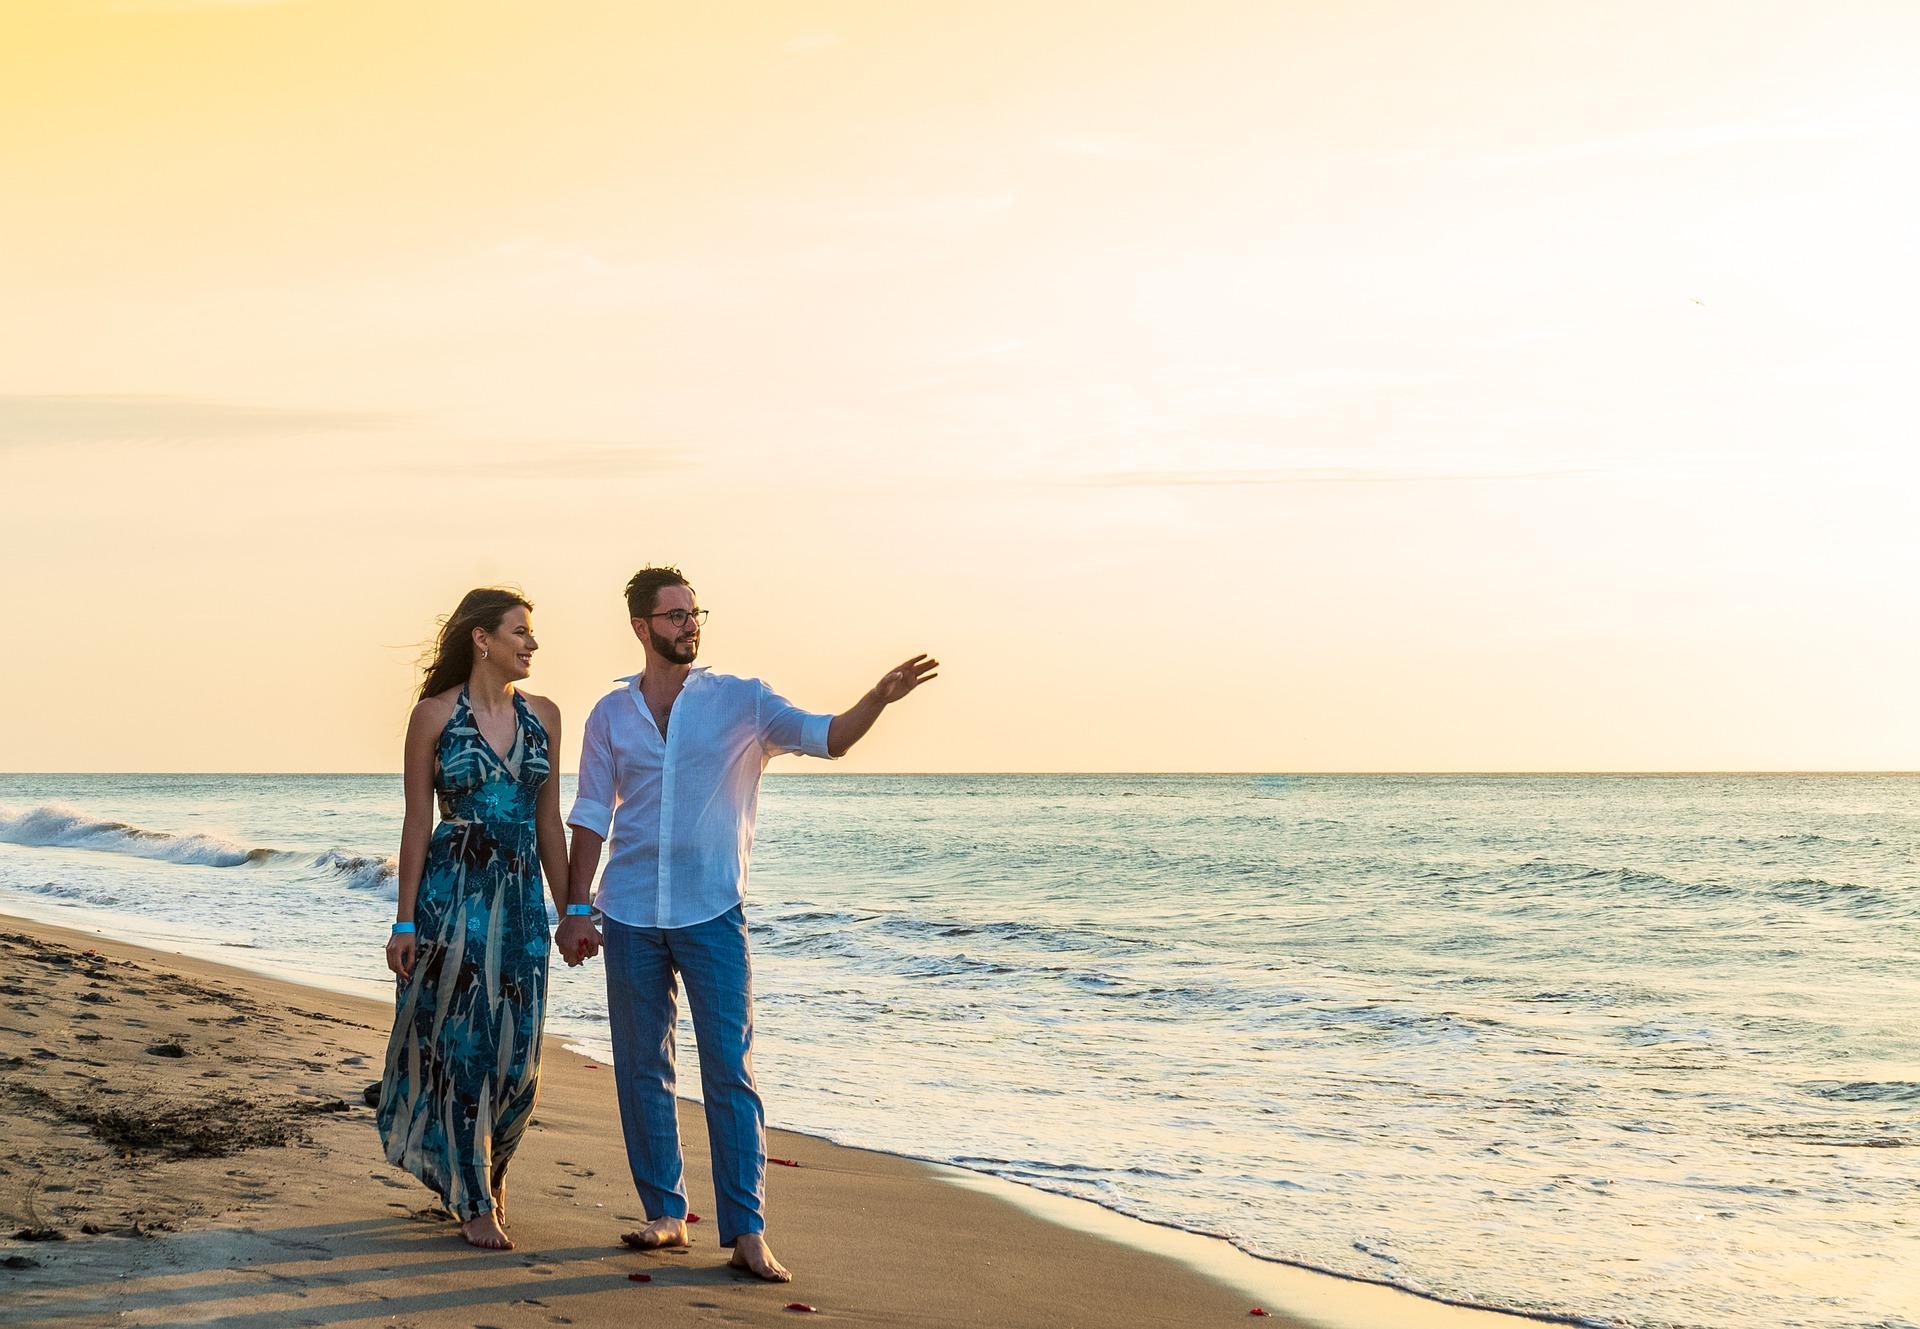 Карантин вместо отпуска: сообщили важные детали, о которых стоит помнить туристам